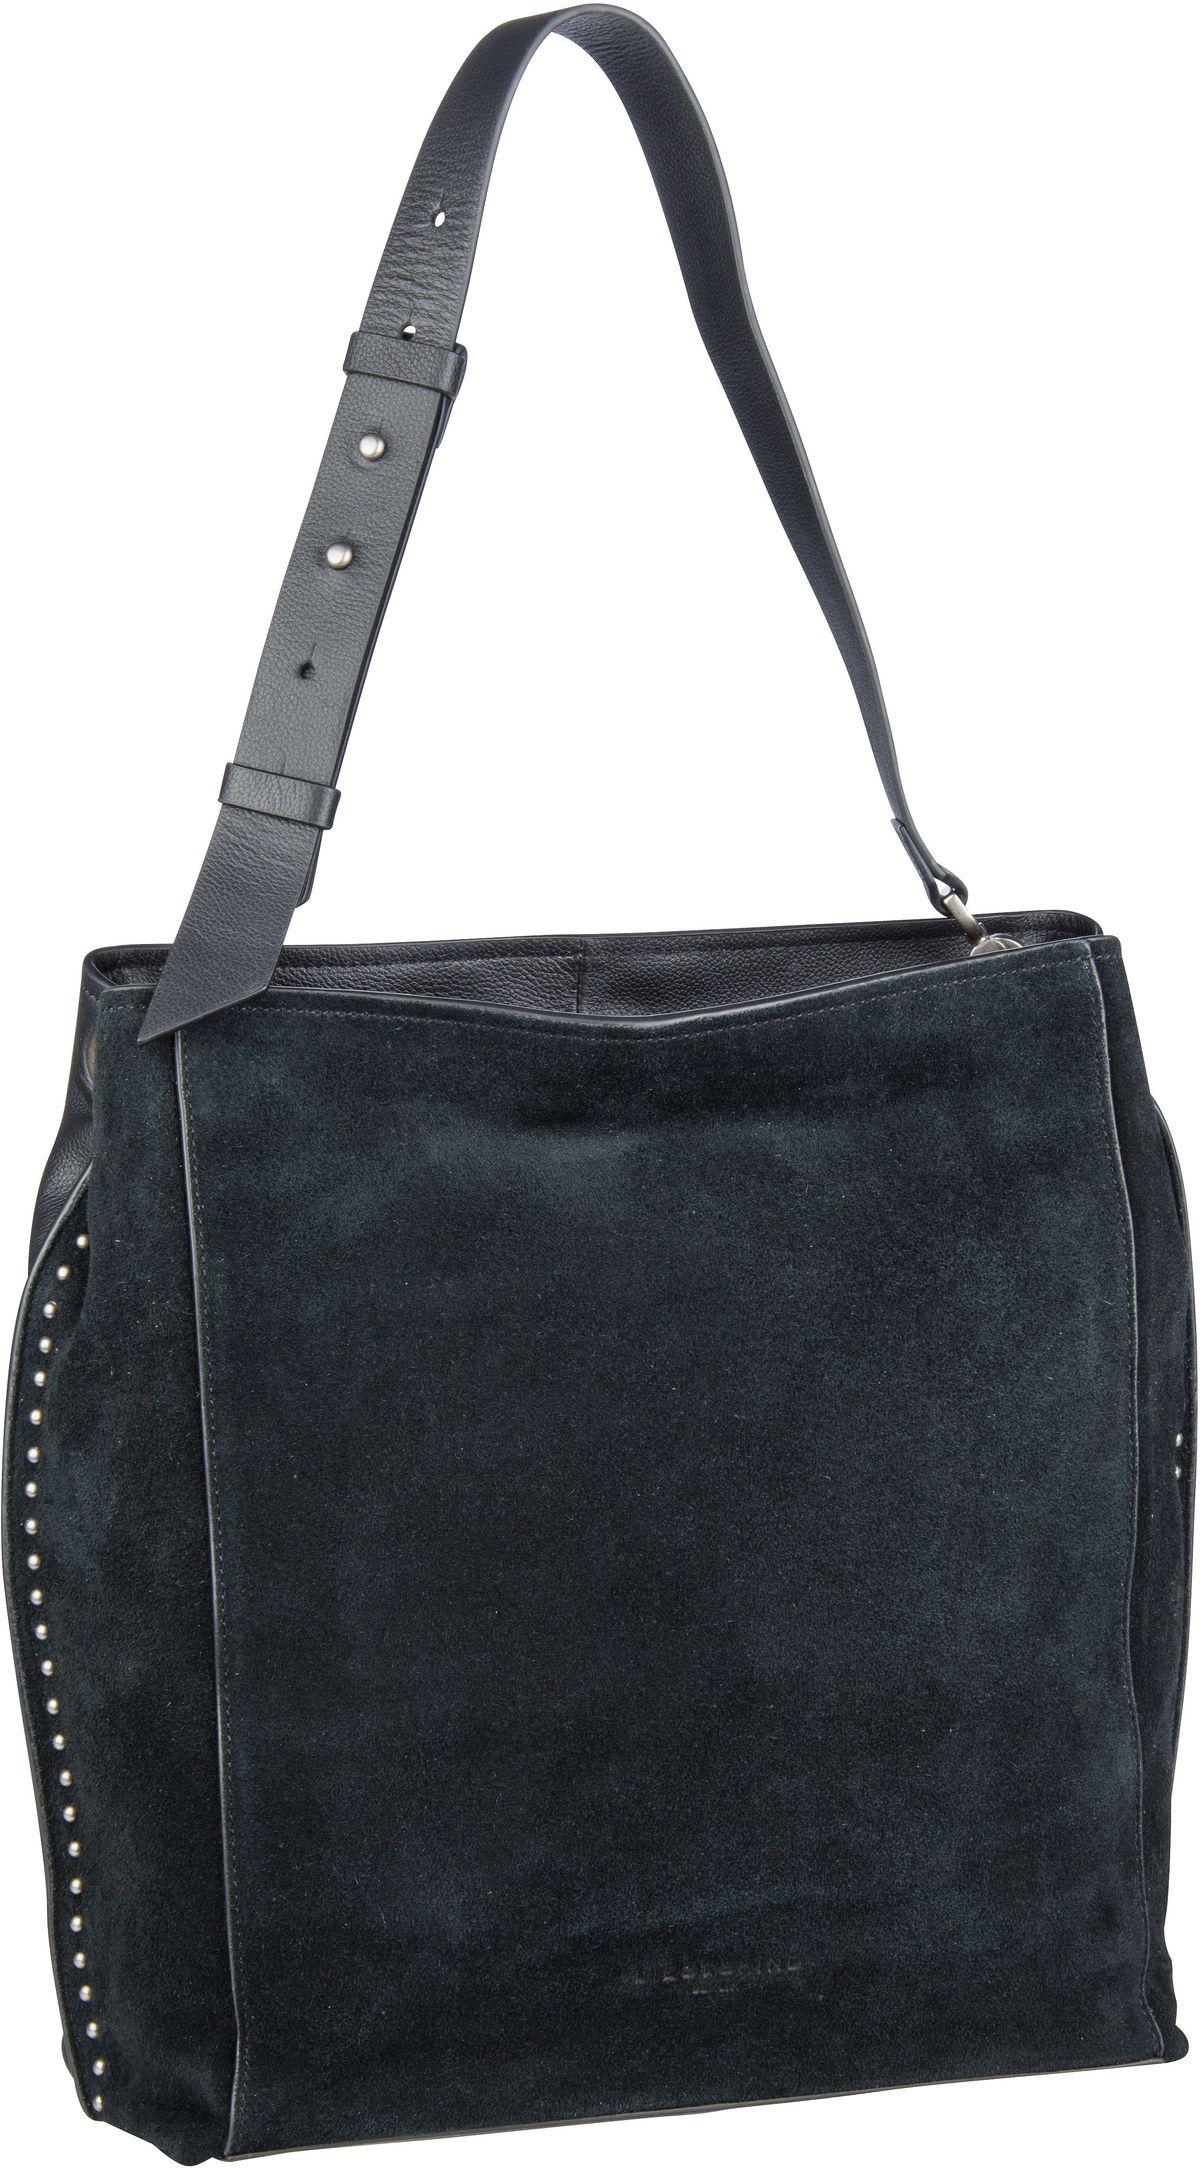 Berlin Handtasche Scouri 2 Hobo M Studs Black